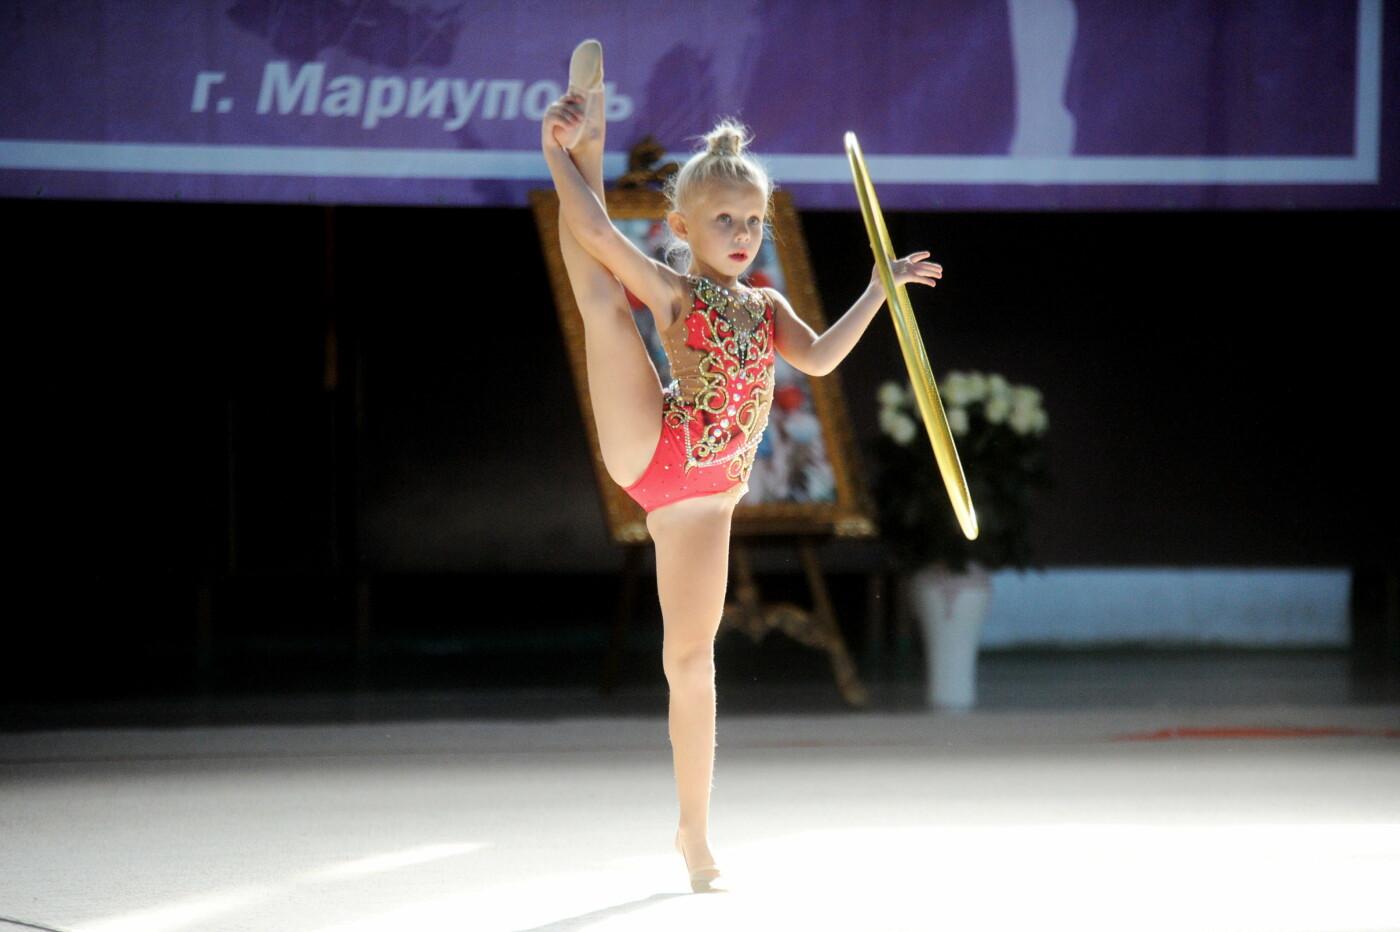 Мариупольцев приглашают на 9-й турнир по художественной гимнастике «Елизавета», фото-59